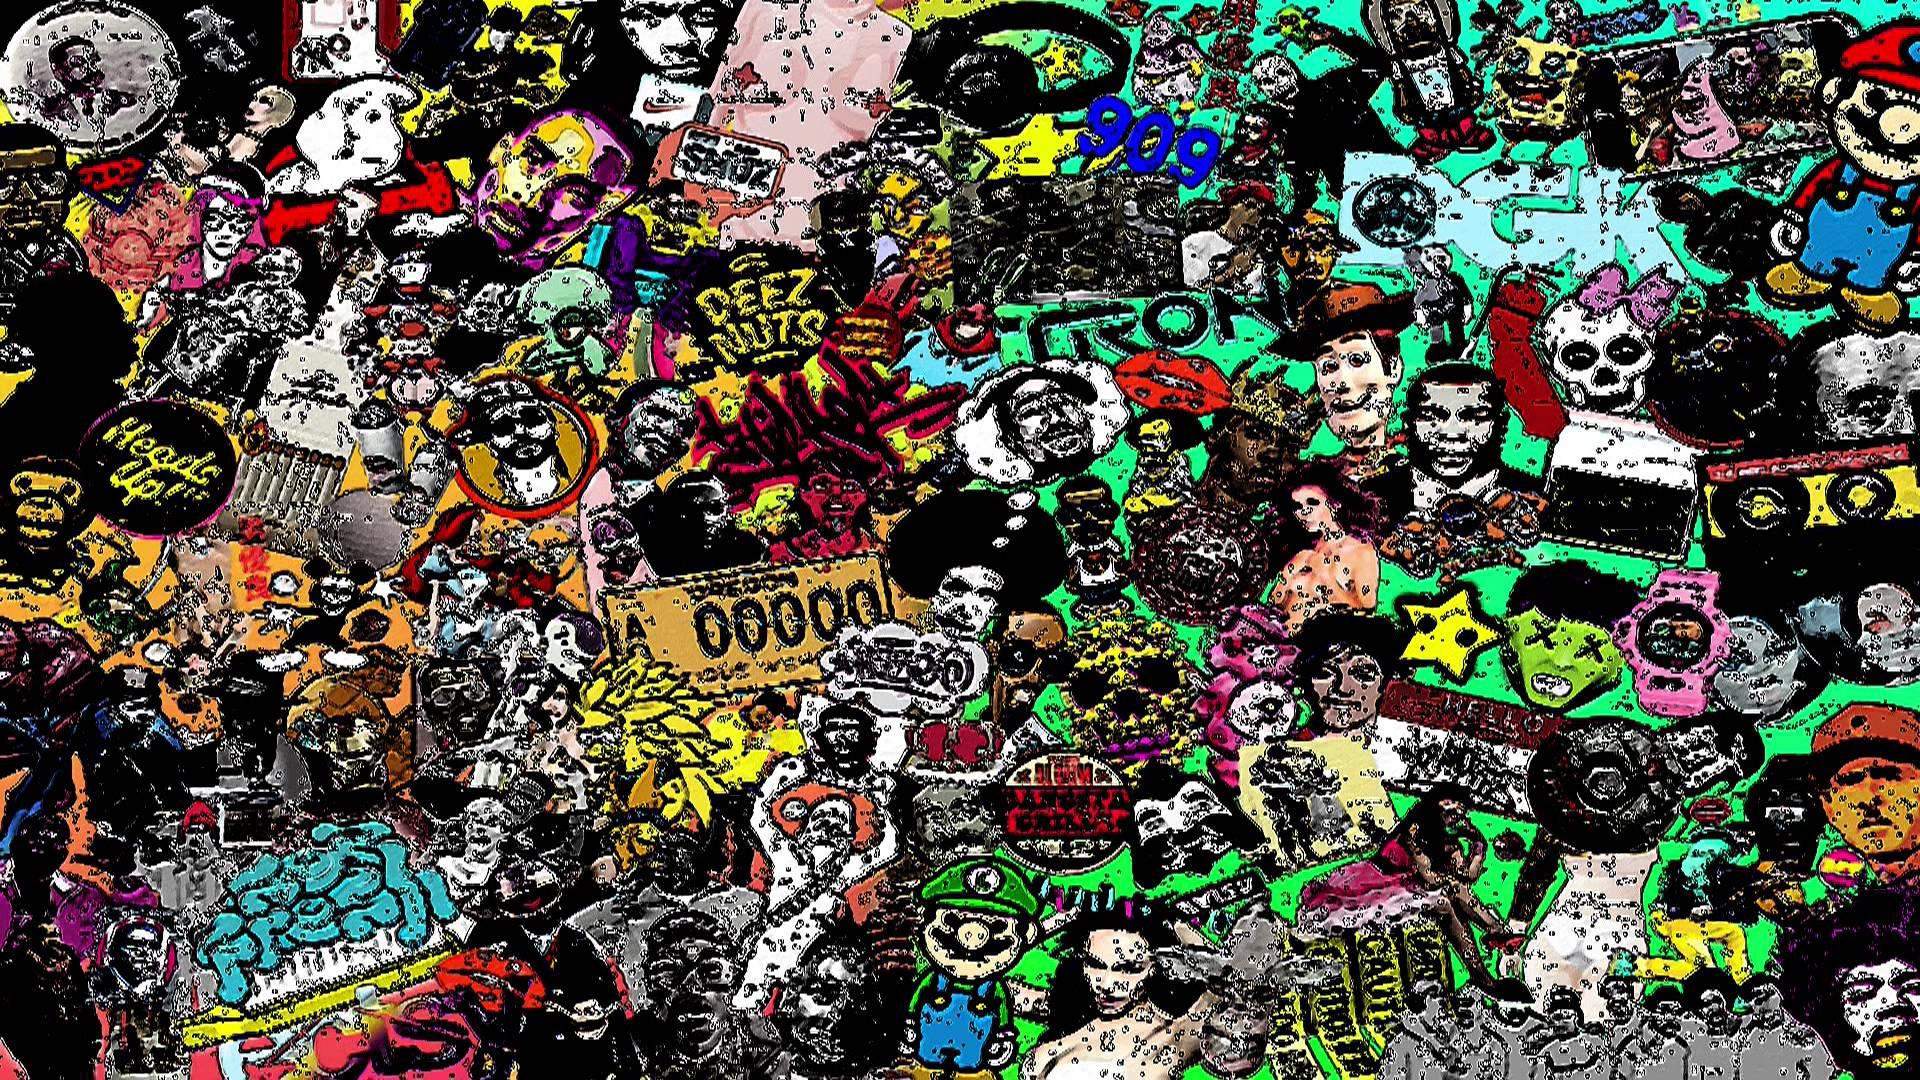 Cannabis Begeistert Investoren Das 8 Milliarden Dollar Geschaeft Cannabis Investors Growing Faster Than The Deals furthermore Cannabis Wallpapers For Desktop also Urban Art Street Art Graffit Tags further Watch as well Girl Smoking Wallpaper. on ganja wallpapers hd